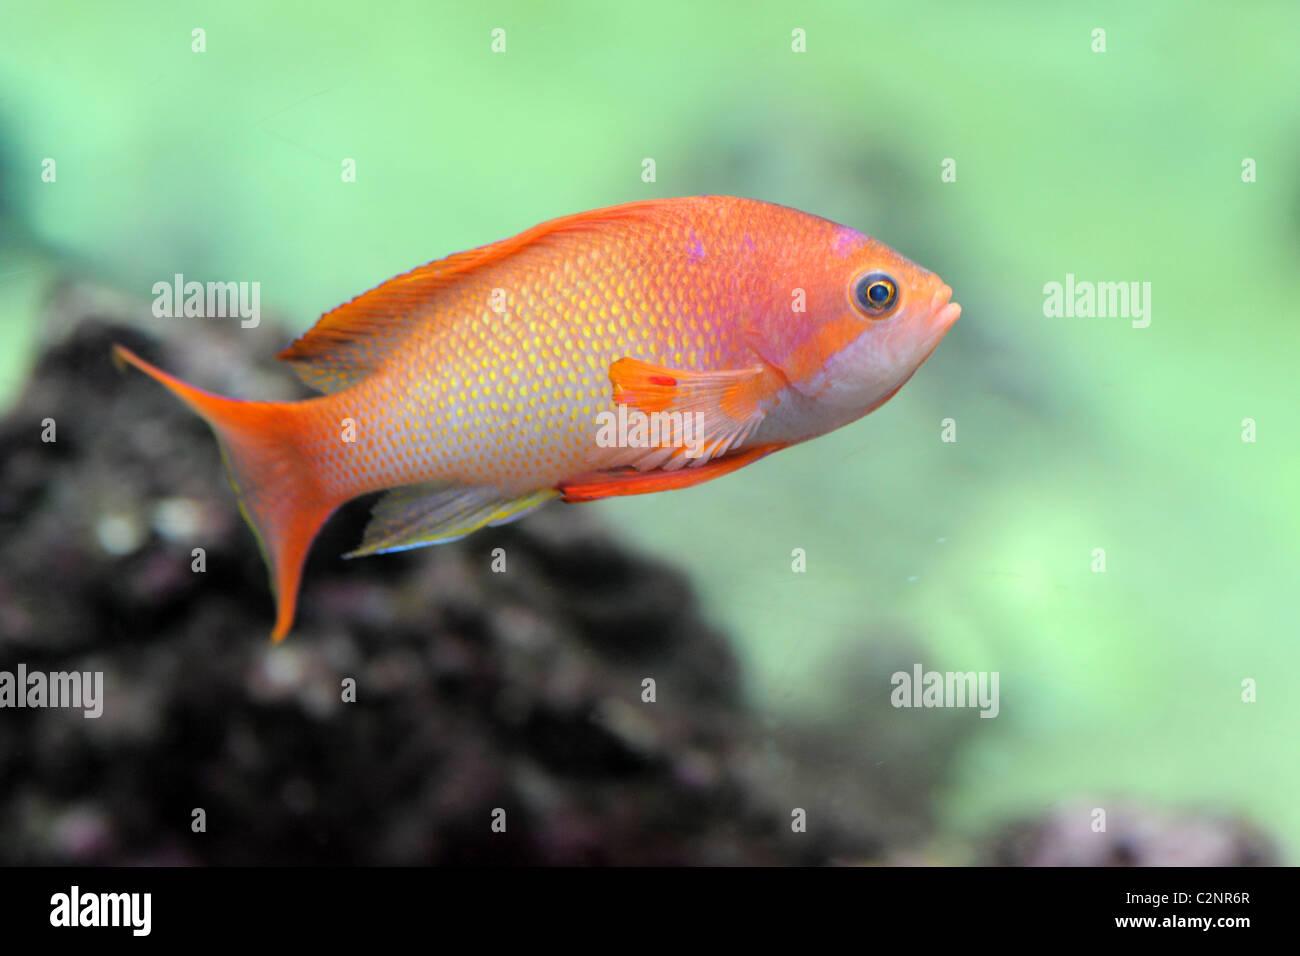 orange Anthias fish in a natural background - Stock Image